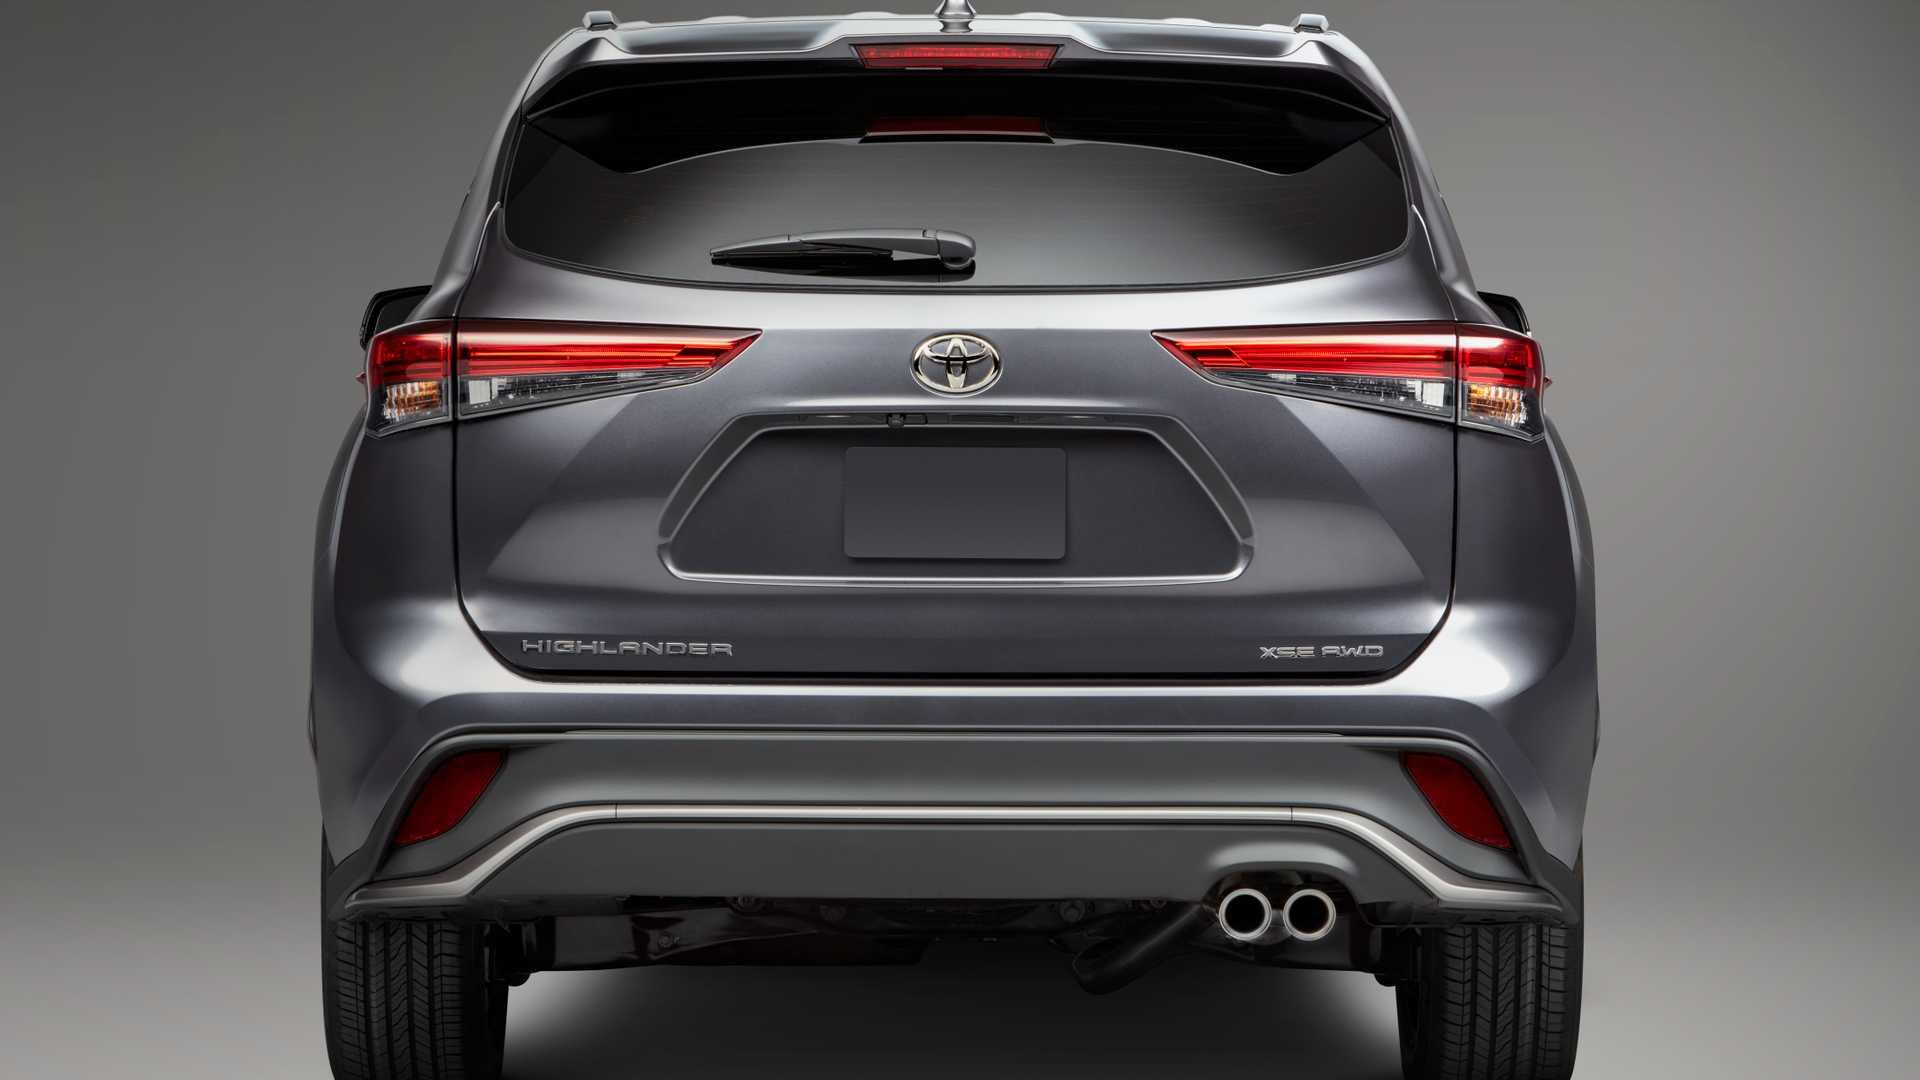 Toyota Highlander XSE 2021 hoàn toàn mới, đậm chất thể thao - 11